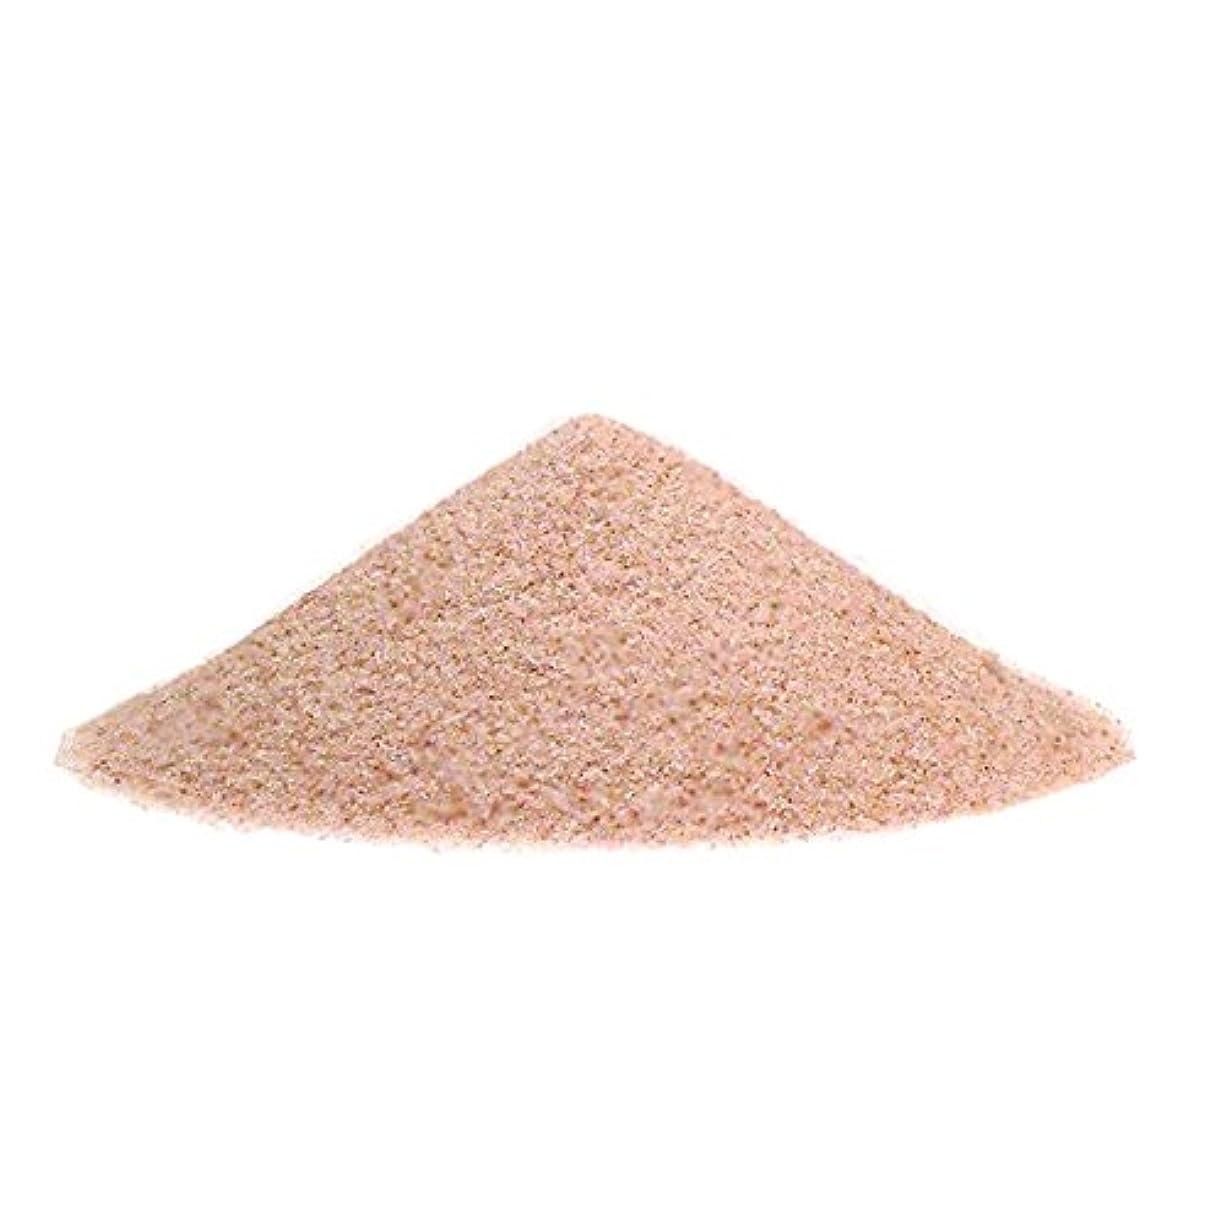 タオル導入する宇宙船ヒマラヤ岩塩 ピンクソルト 入浴用 バスソルト(微粒パウダー)5kg ピンク岩塩